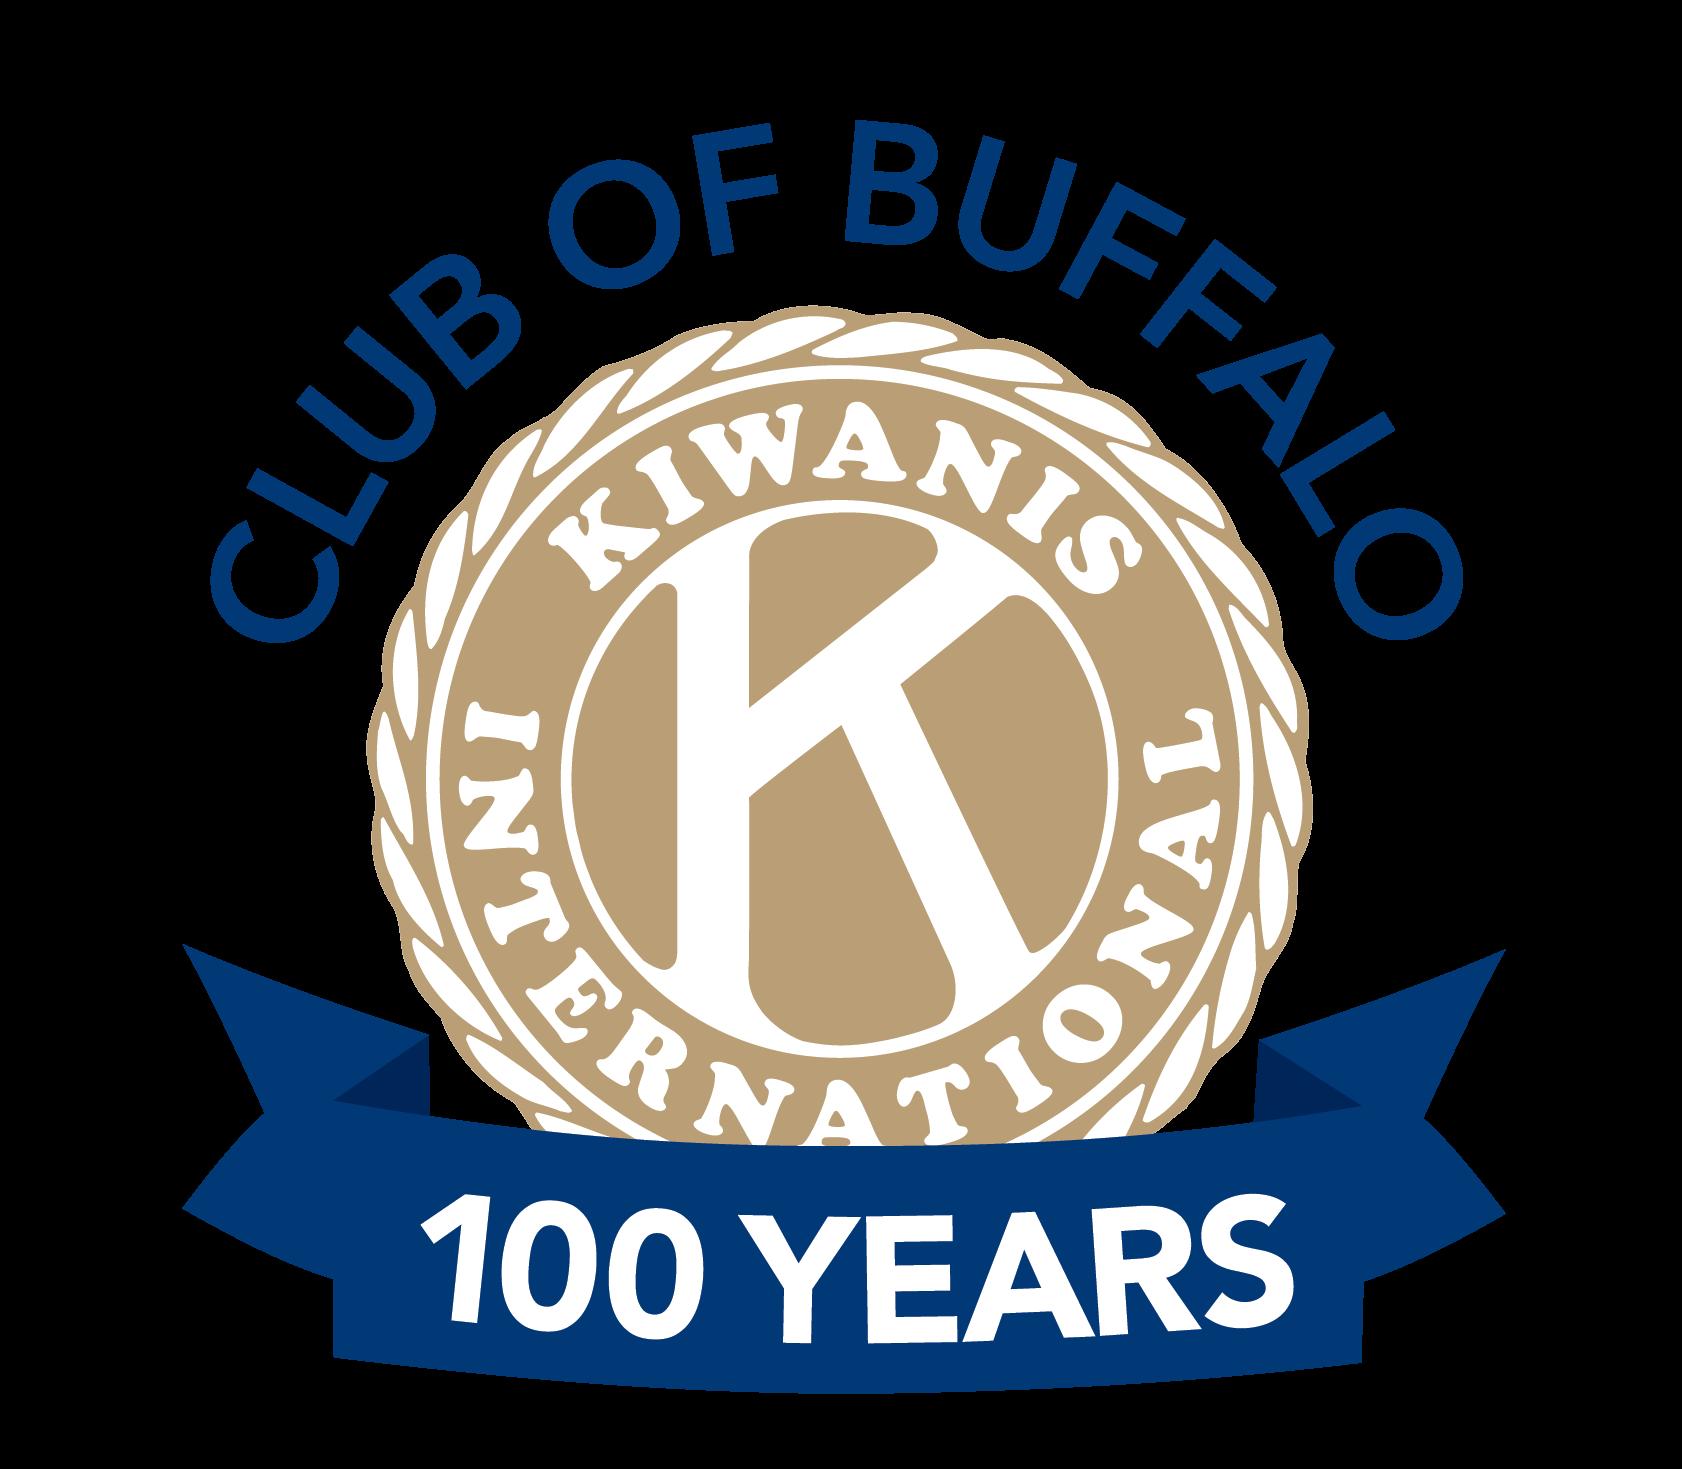 Kiwanis Club of Buffalo, NY